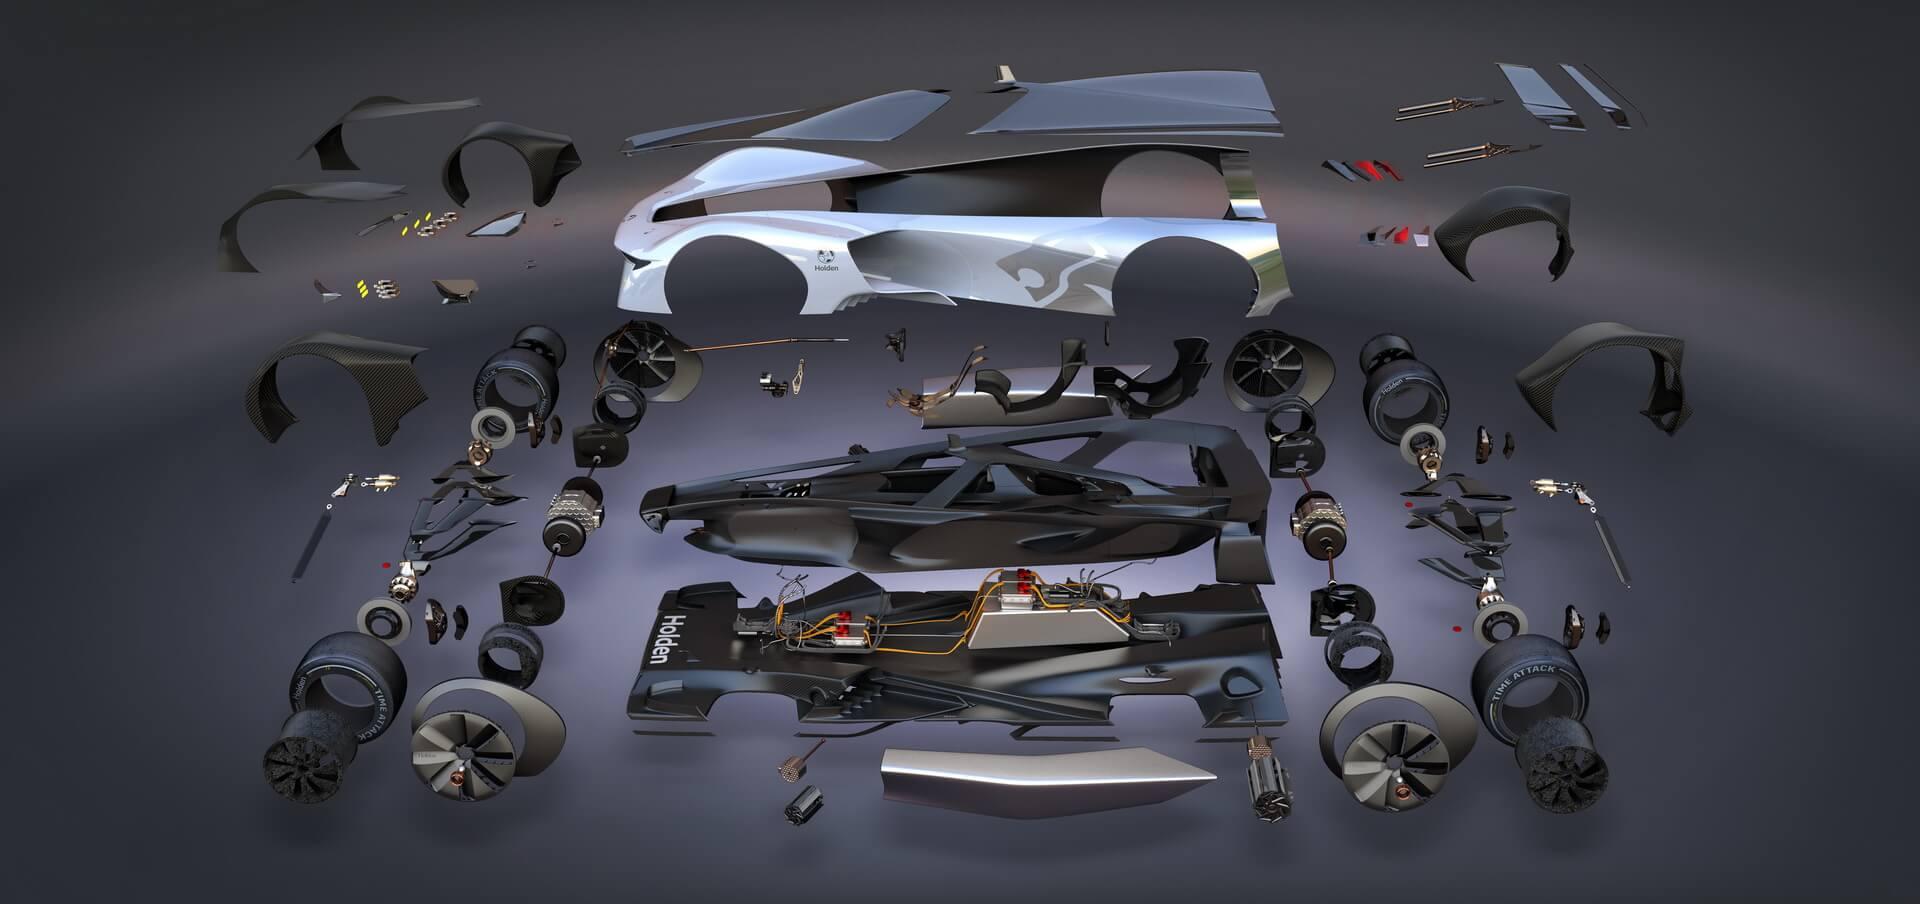 Новаторский концептуальный гоночный электрический автомобиль GM Holden Time Attack